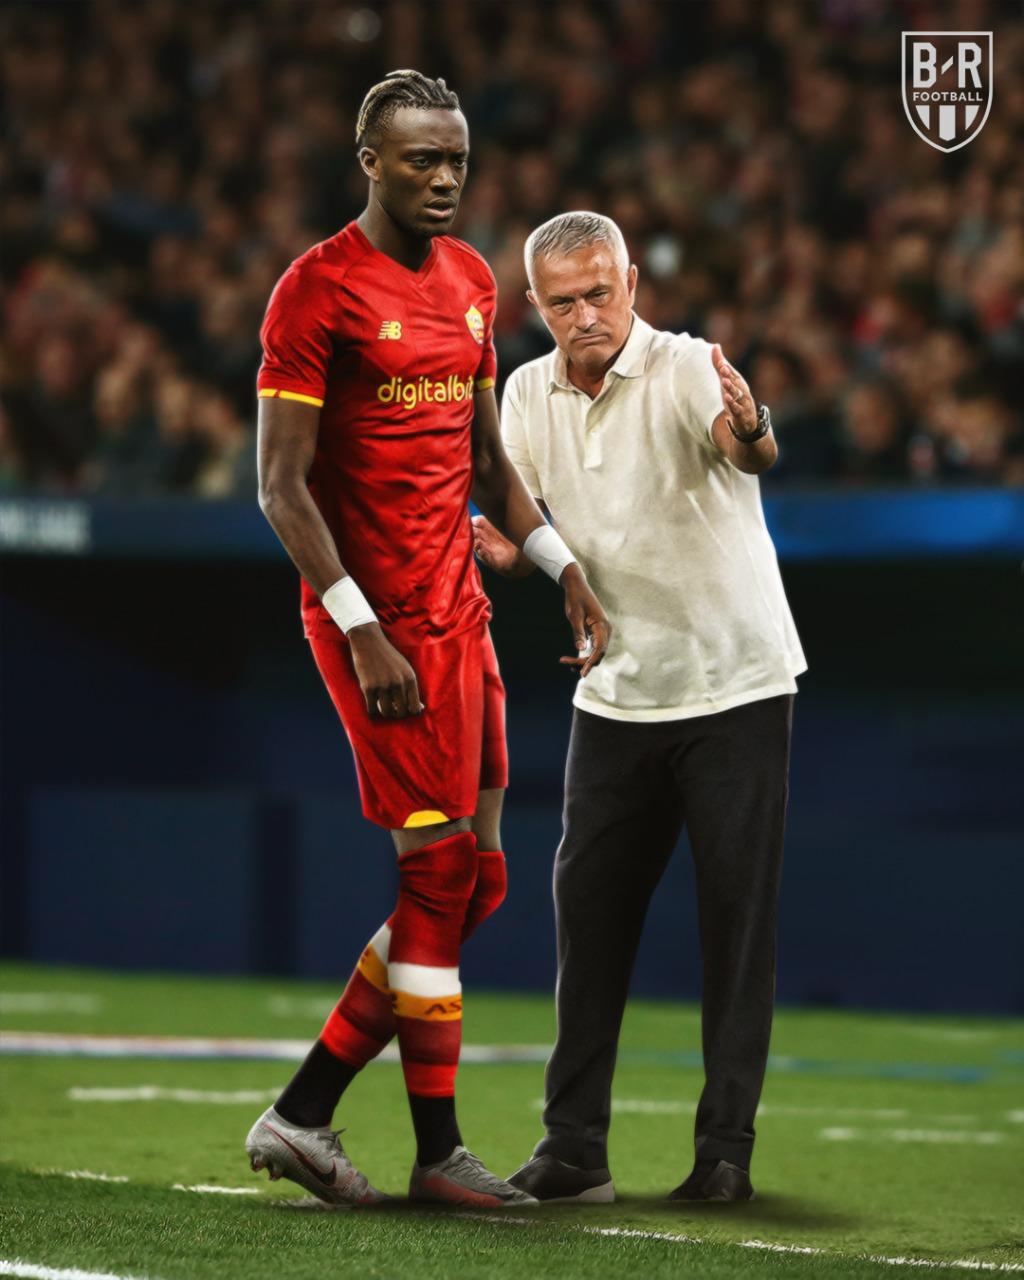 Mourinho và tân binh Abraham được kỳ vọng sẽ giúp Roma tạo bất ngờ trên dường đua scudetto mùa mới. Ảnh: BR